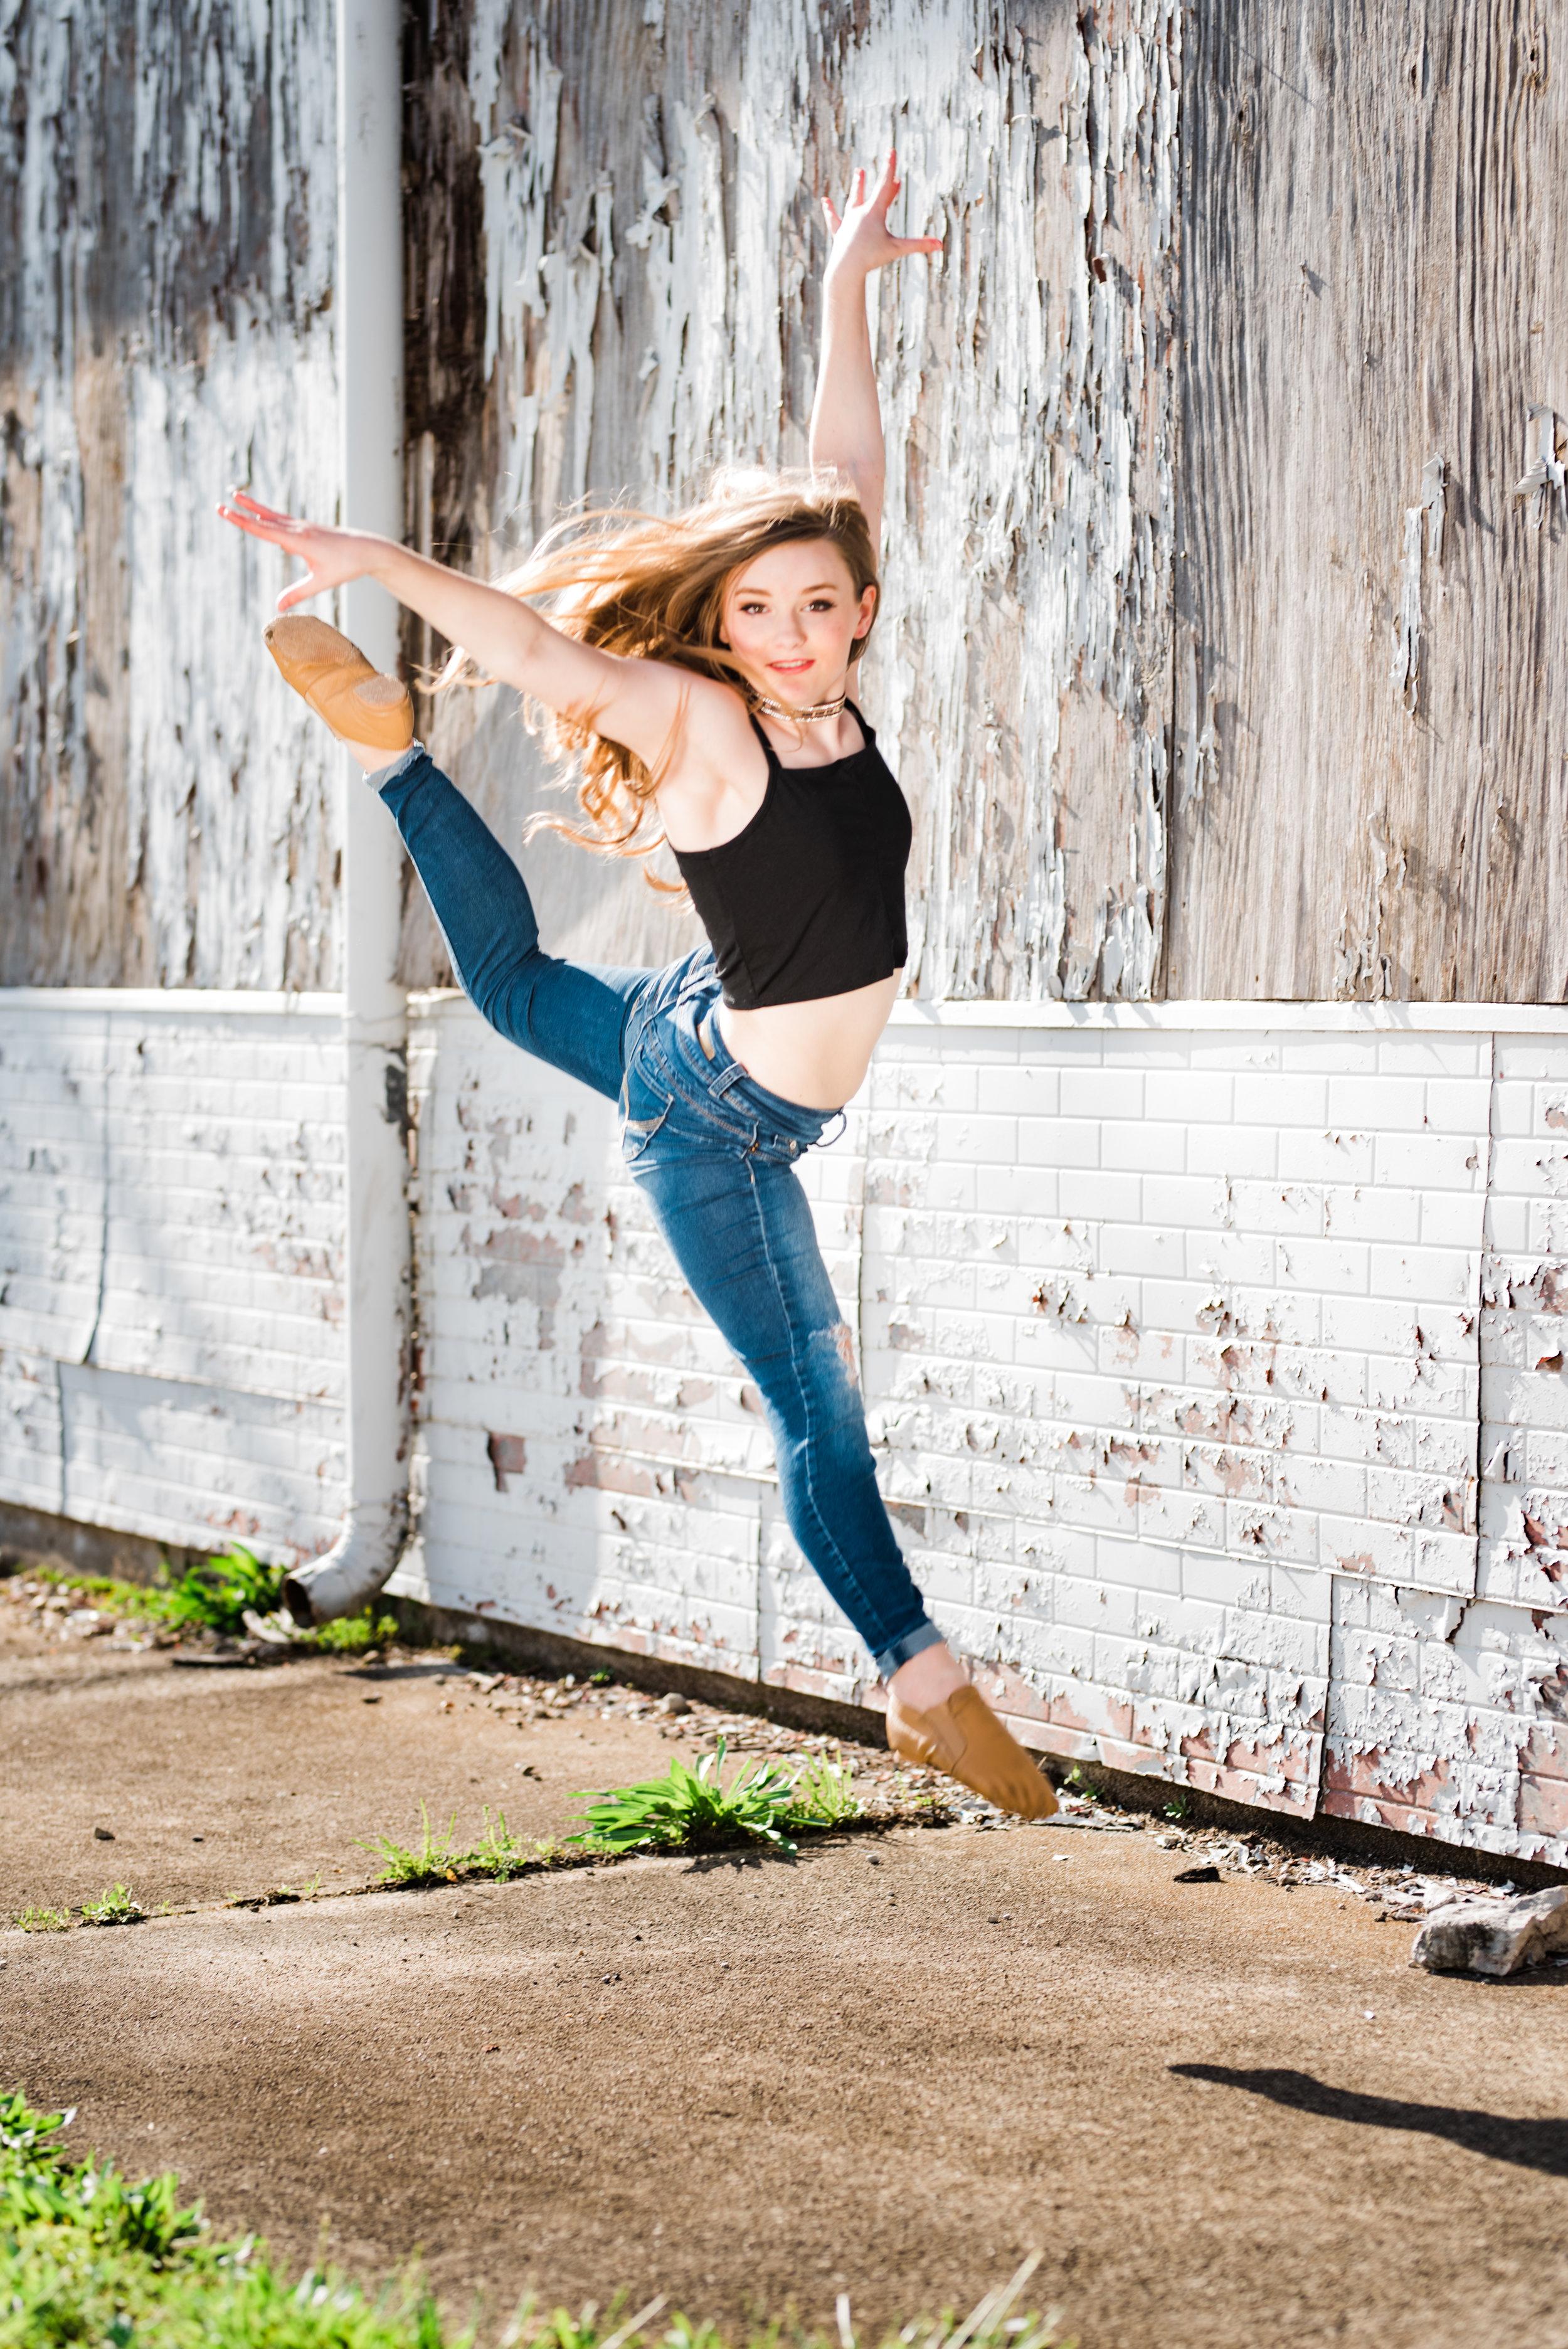 dayton_dance_photography.jpg